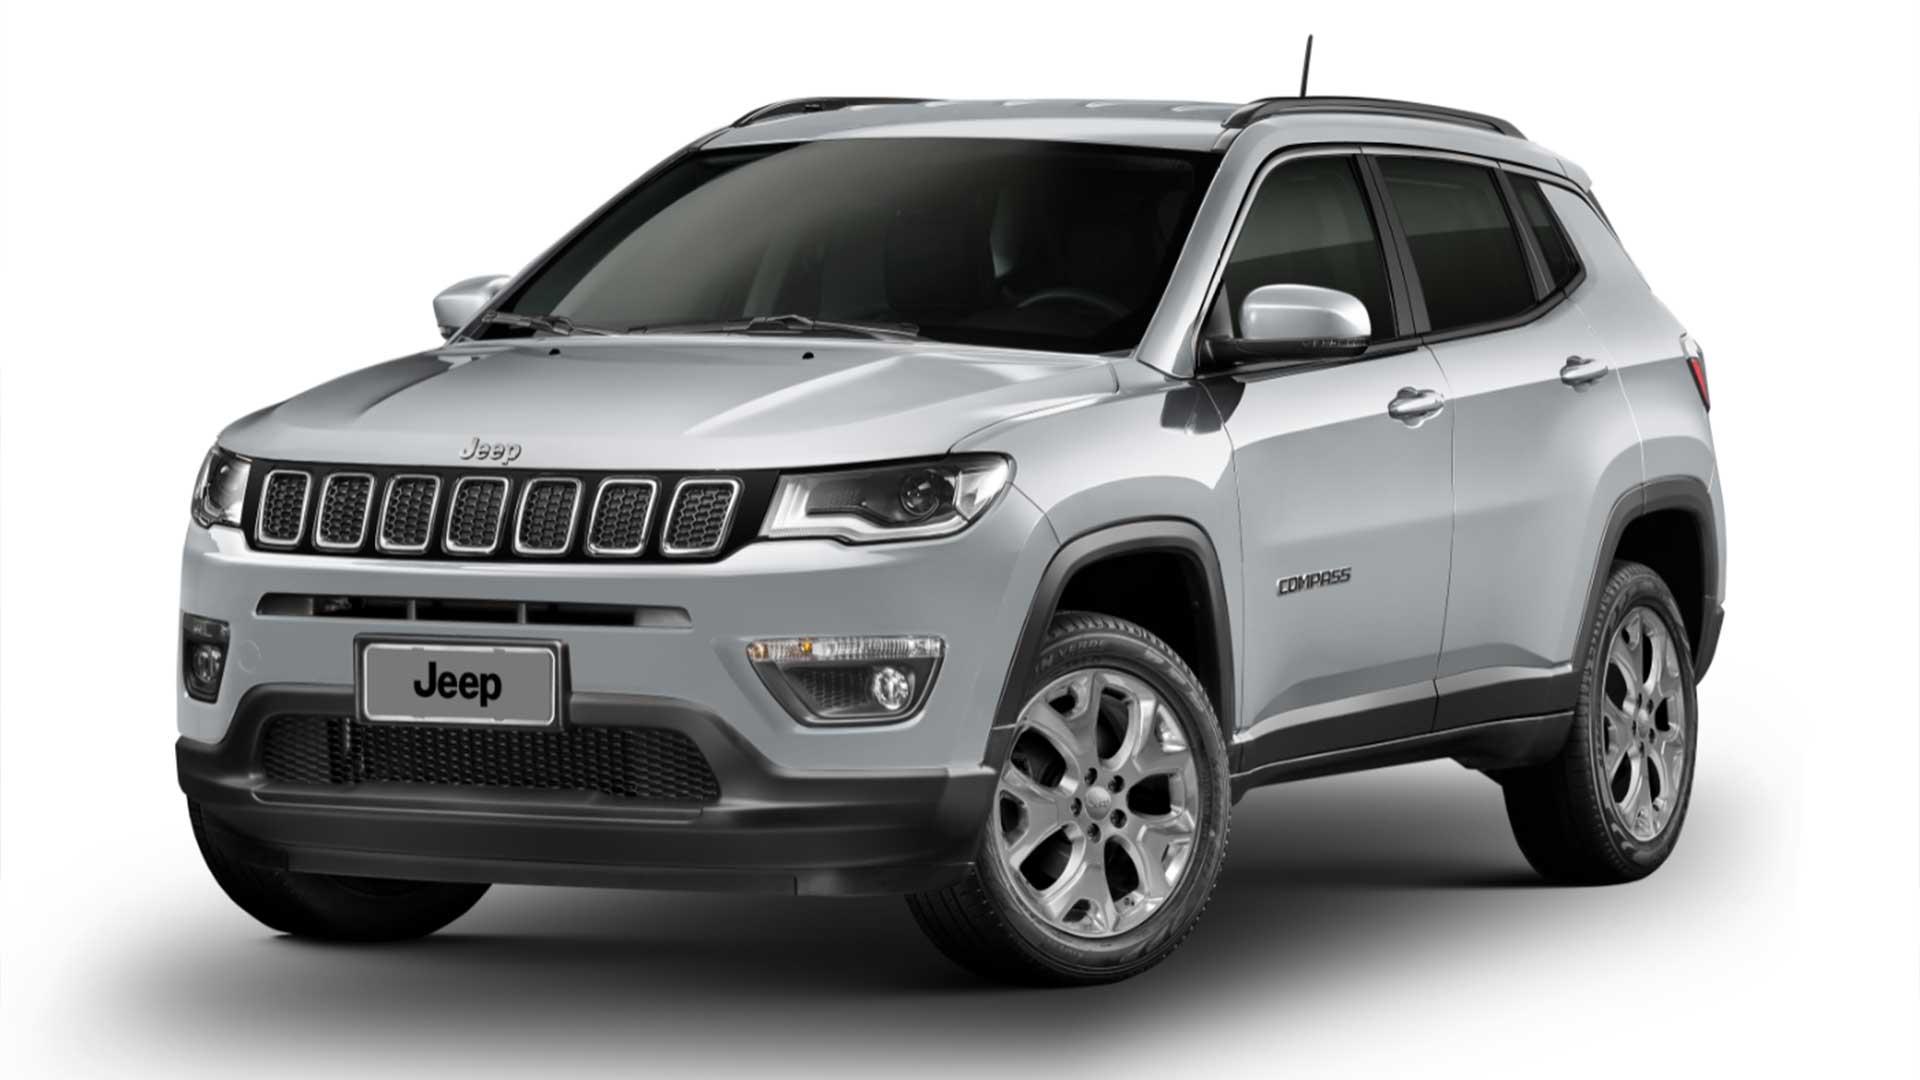 Jeep Compass alcança 200 mil unidades vendidas no Brasil